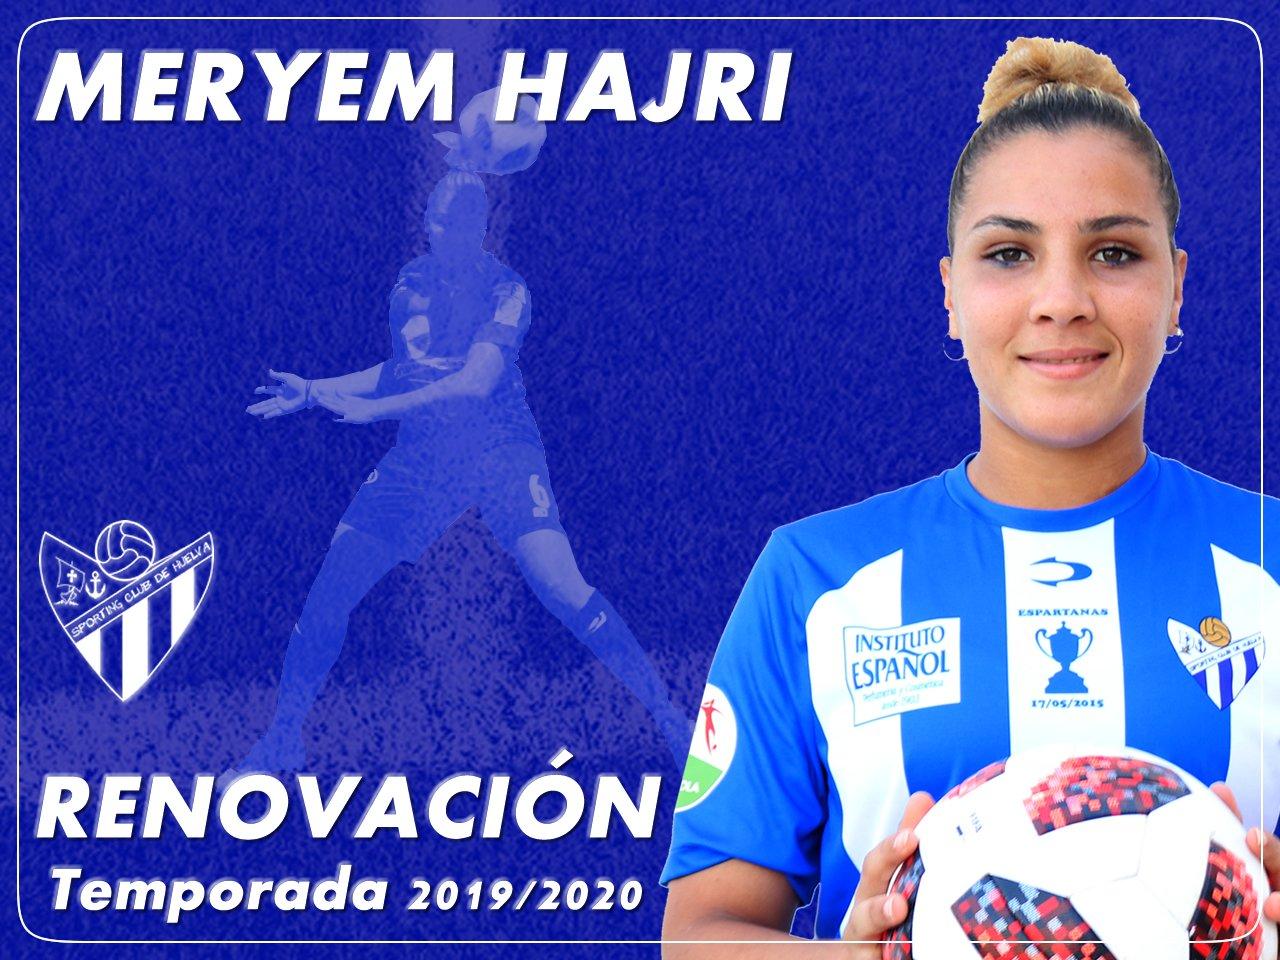 Maryem Hajir renueva con el Sporting